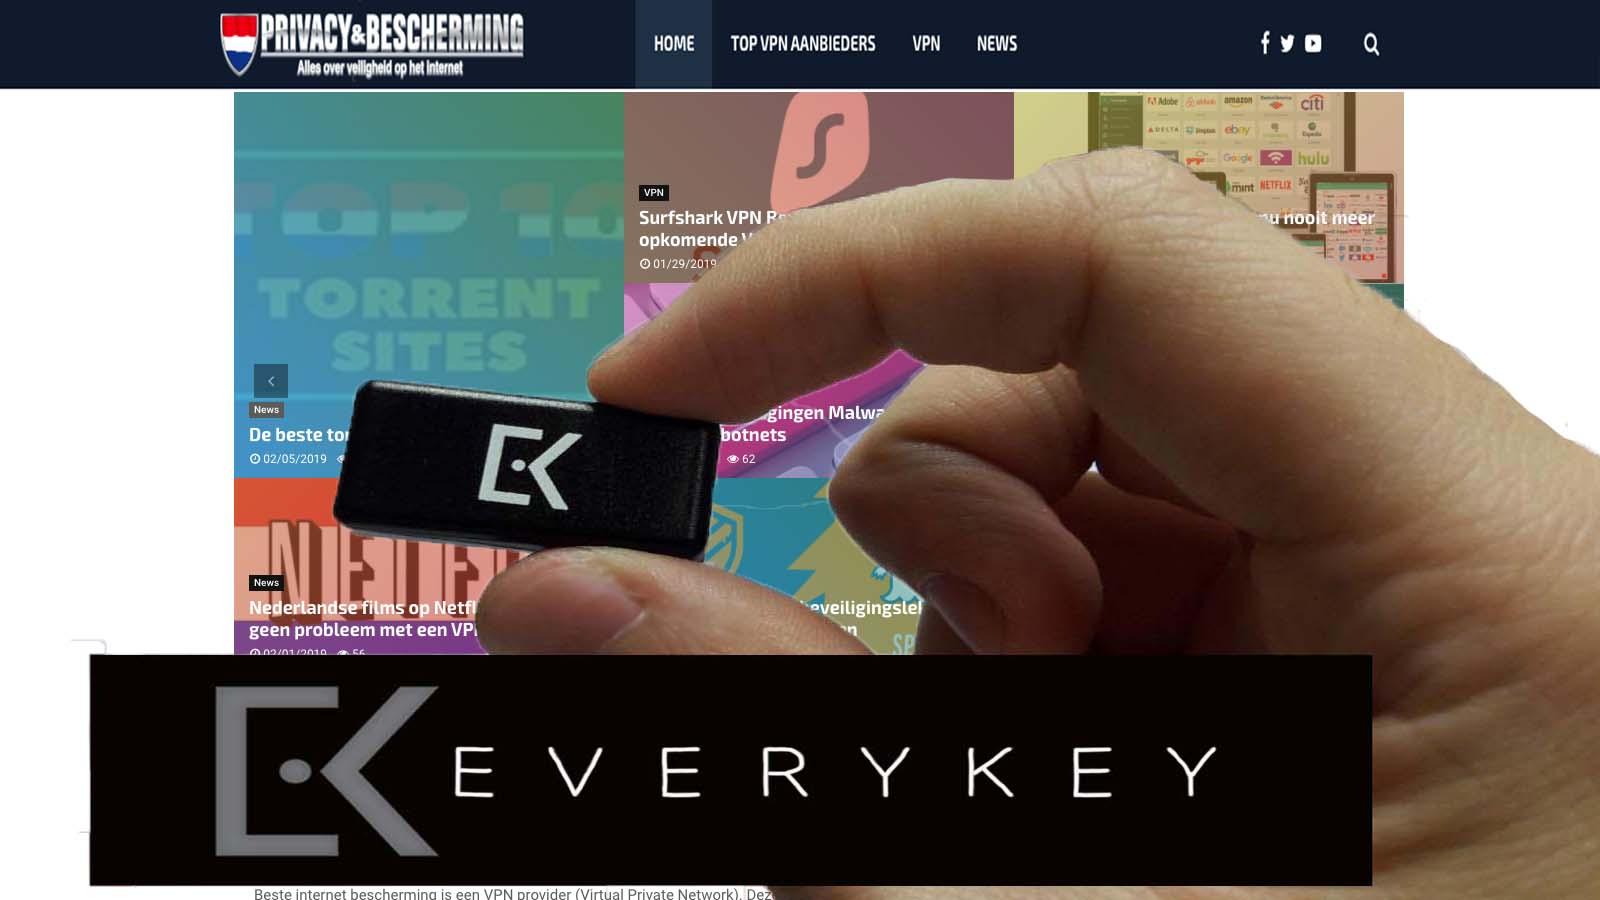 Everykey wachtwoord beveiligen